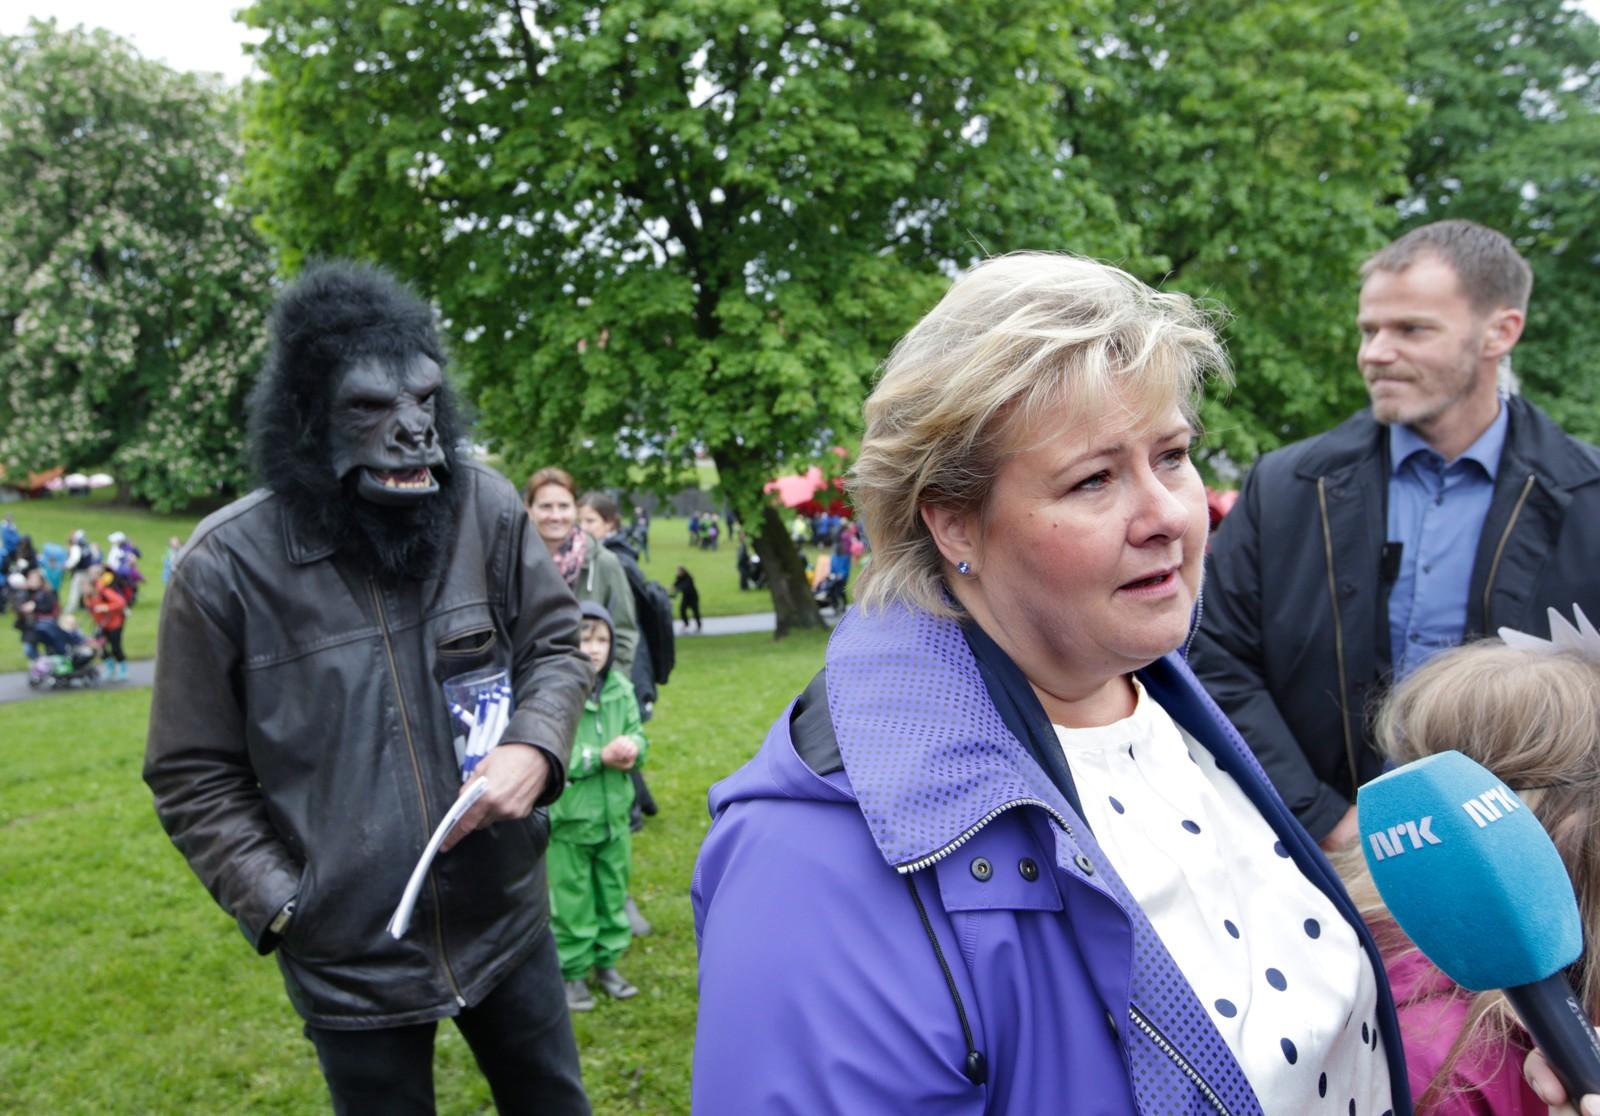 Statsminister Erna Solberg under et besøk på barnefestivalen Miniøya på Tøyen i Oslo 30. mai. Mens statsministeren ble intervjuet av NRK ble hun passet av en gorilla.